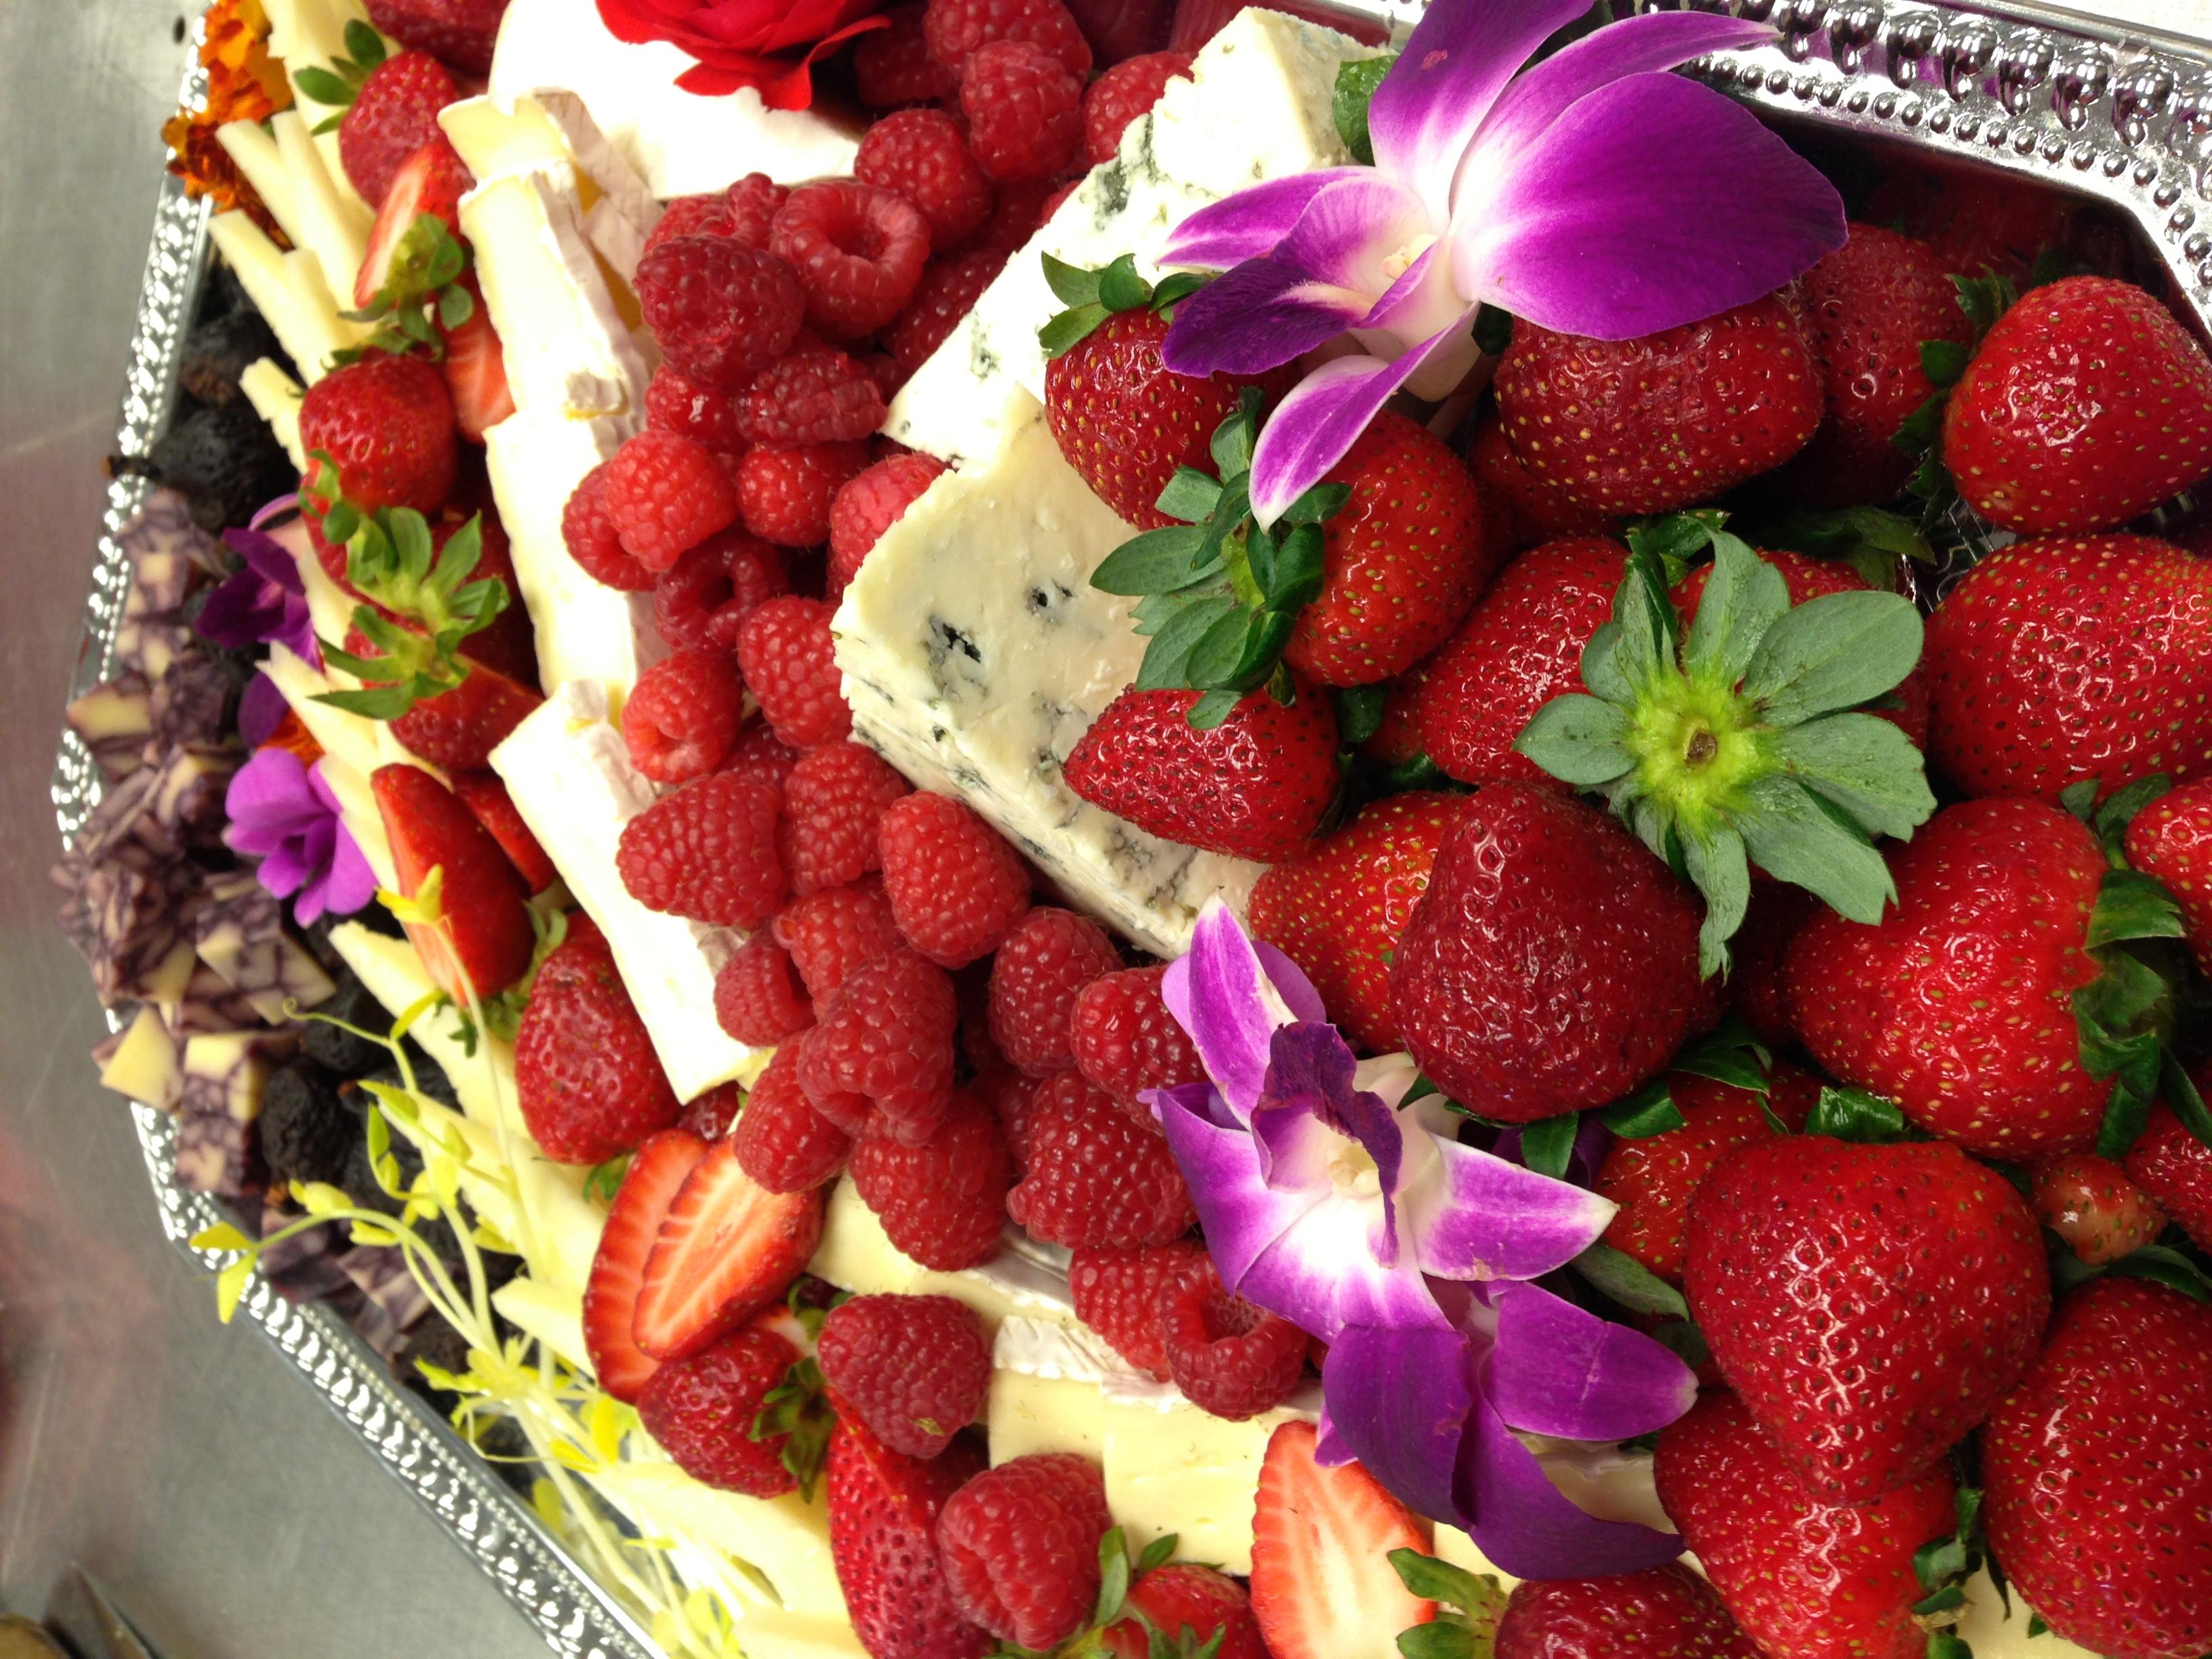 strawberriesandcheese.jpg